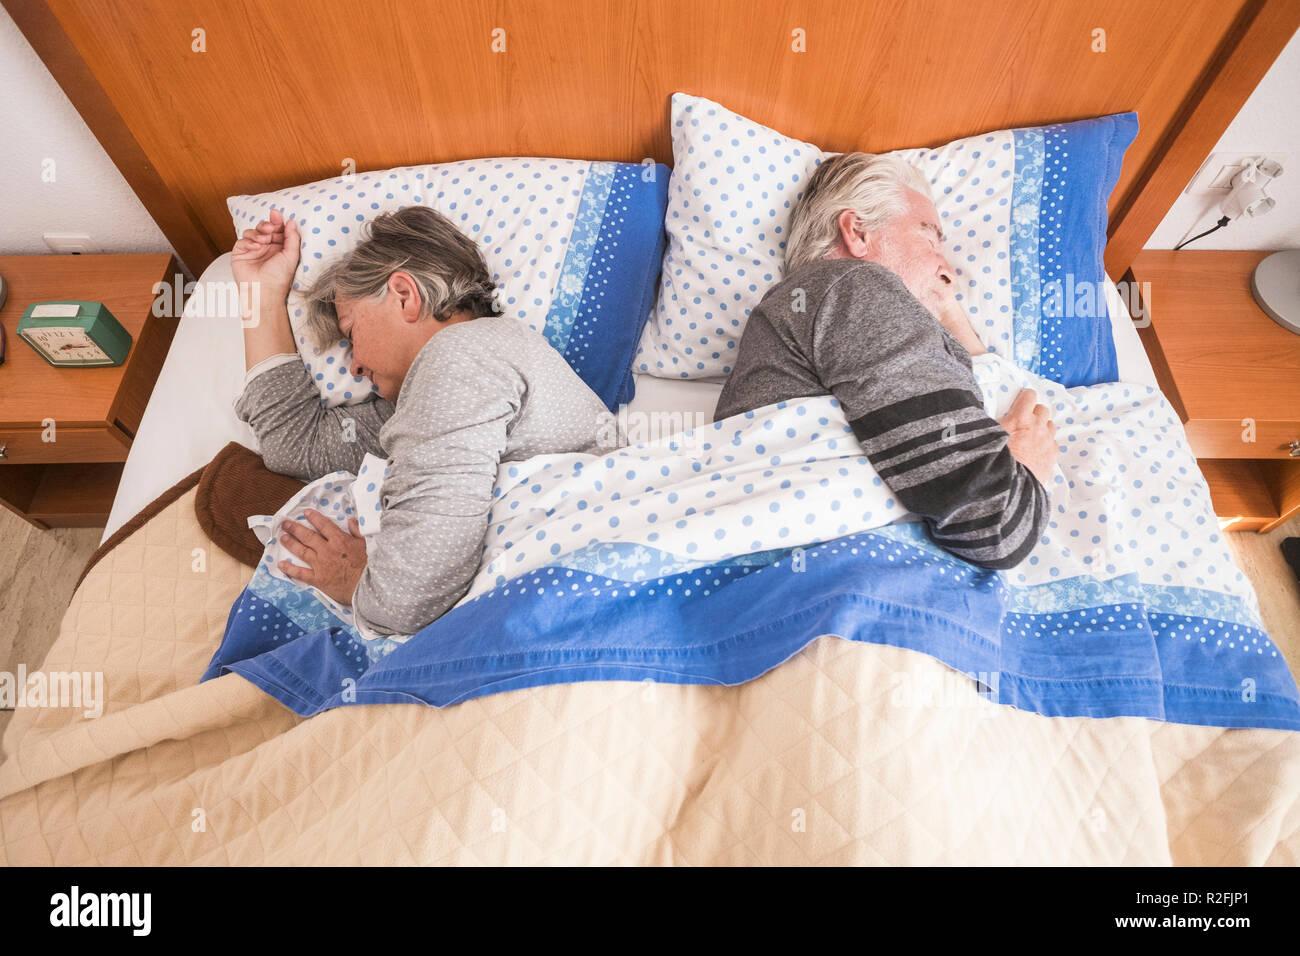 Service de réveil matin pour des profils senior couple at home dans le lit. dormir ensemble dans la lumière de la fenêtre, la vie quotidienne, concept. Banque D'Images